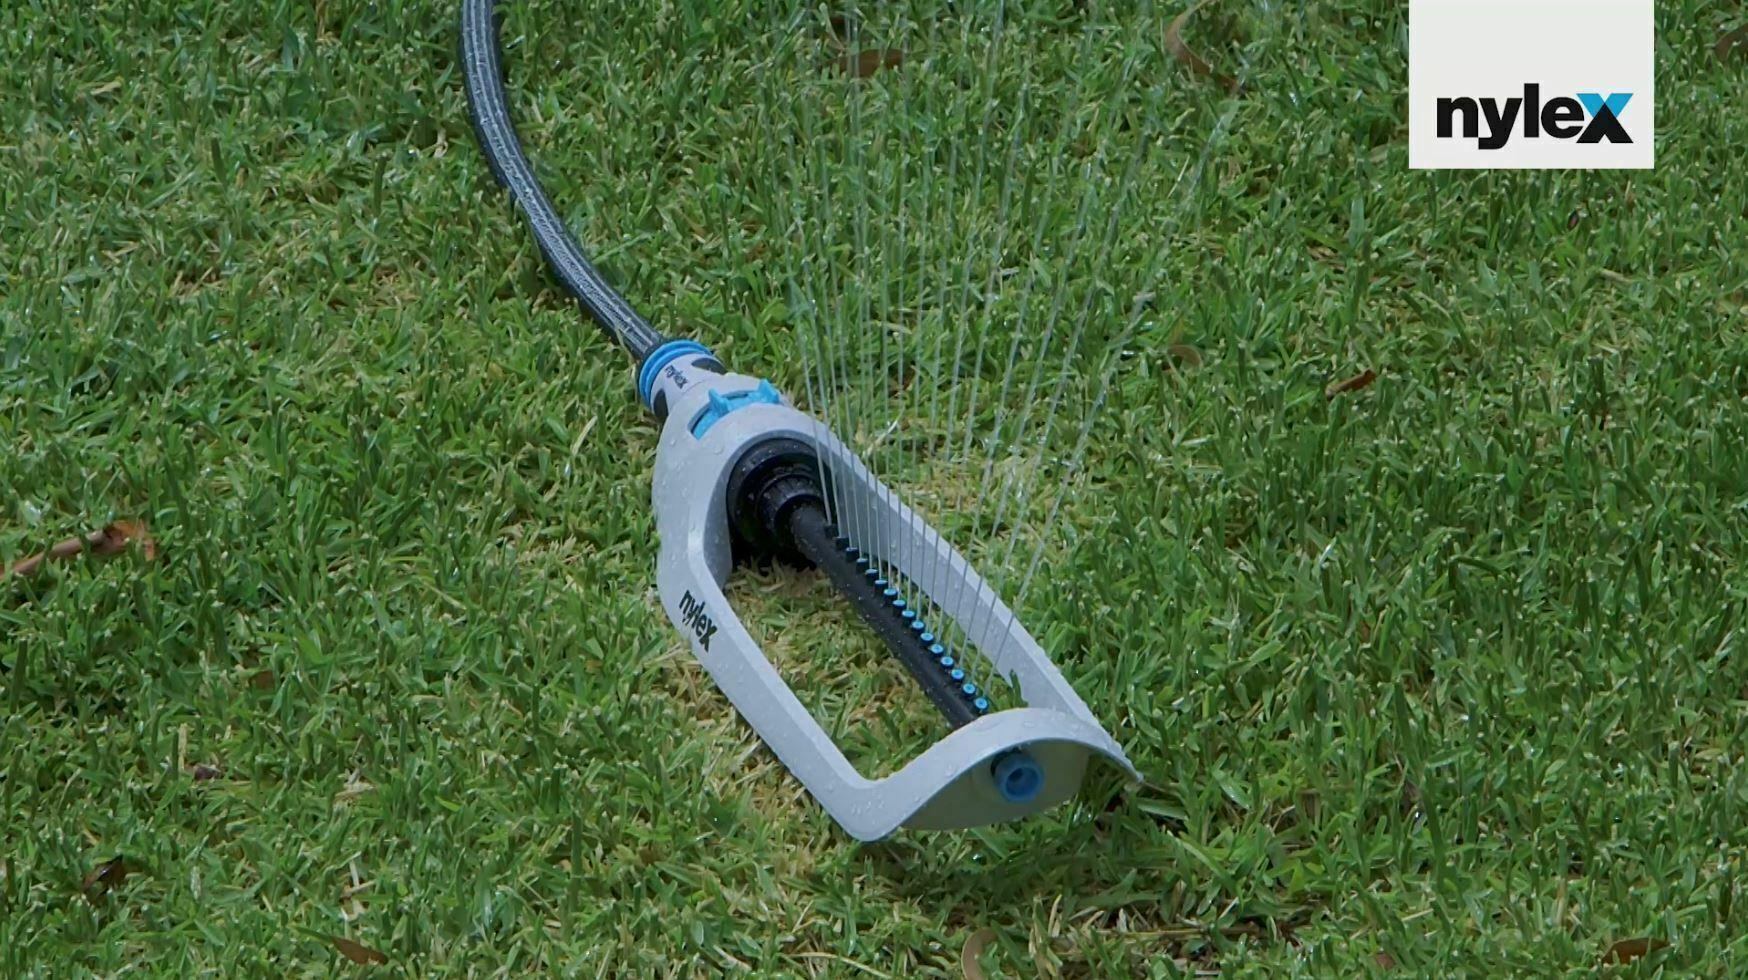 Nylex Essential Watering Tips – Watering Lawns